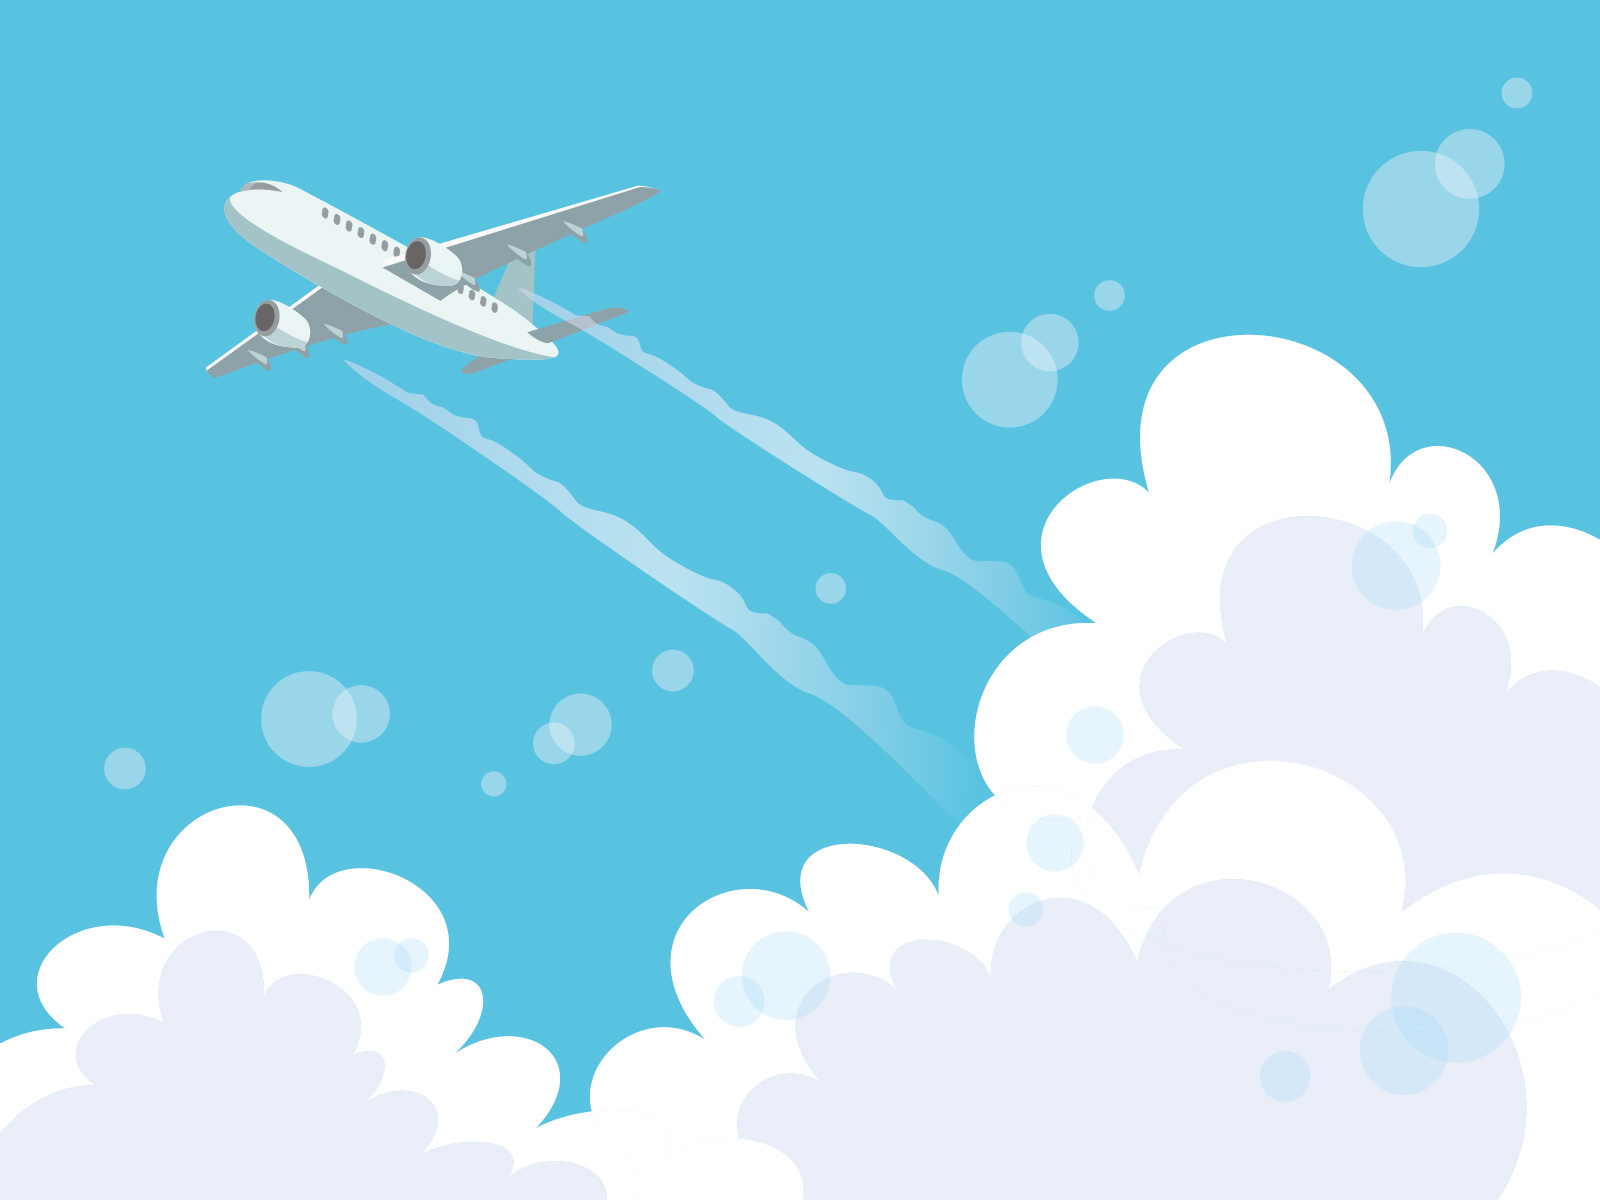 【重要】「北海道、沖縄、離島」行きの送料の値上げのお知らせ。